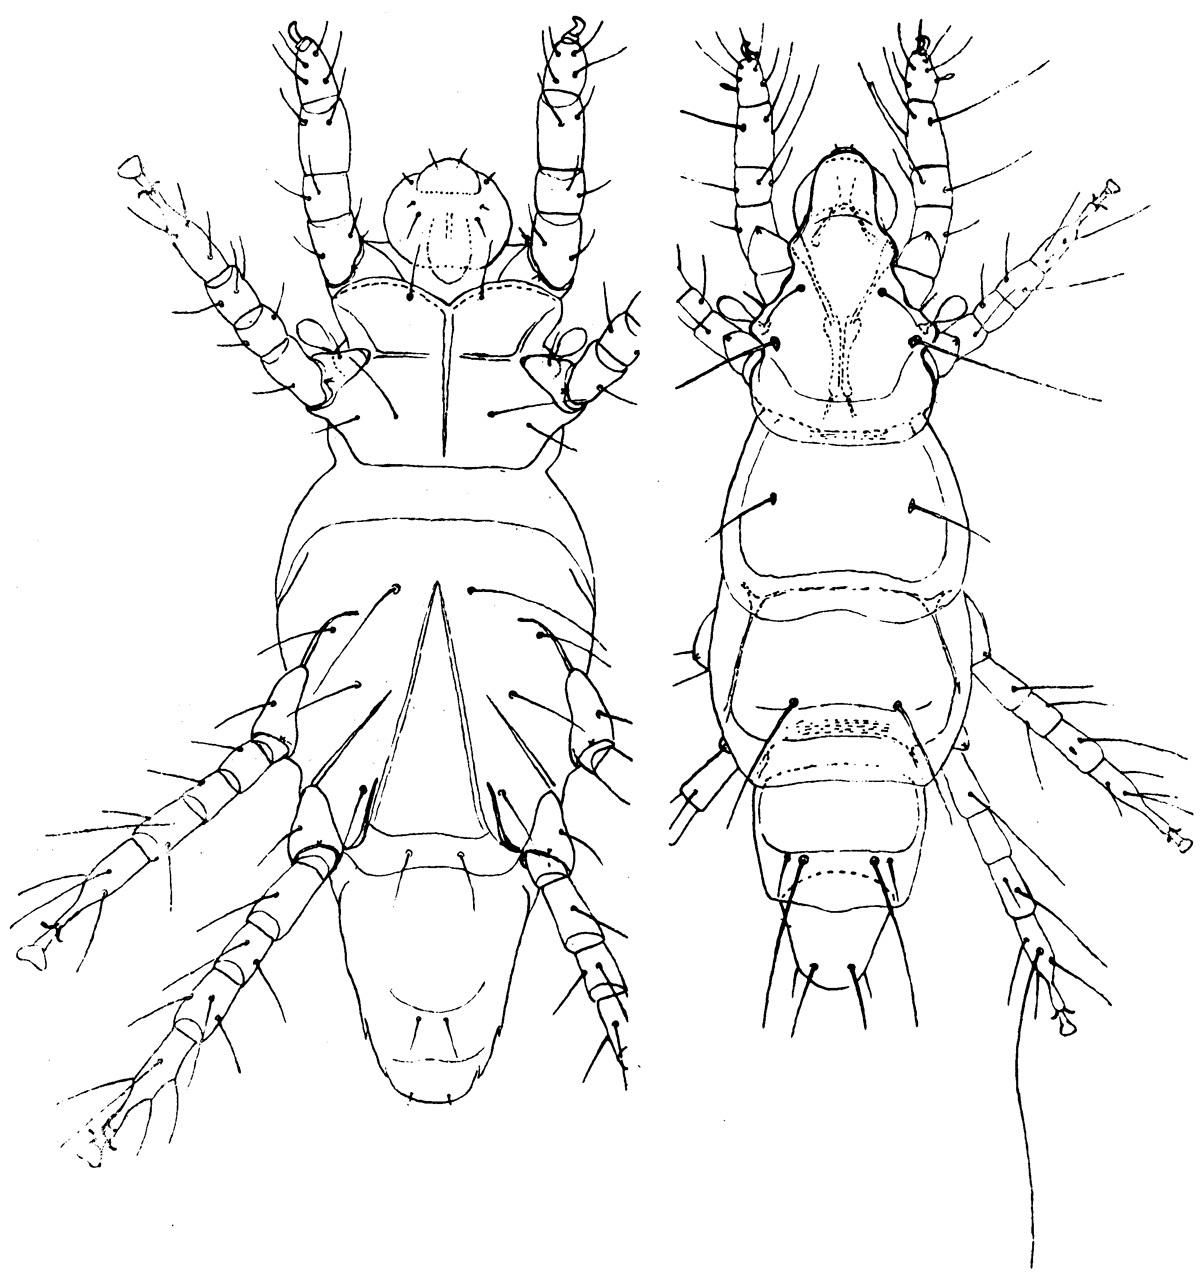 Image of Pediculouides Herfsi